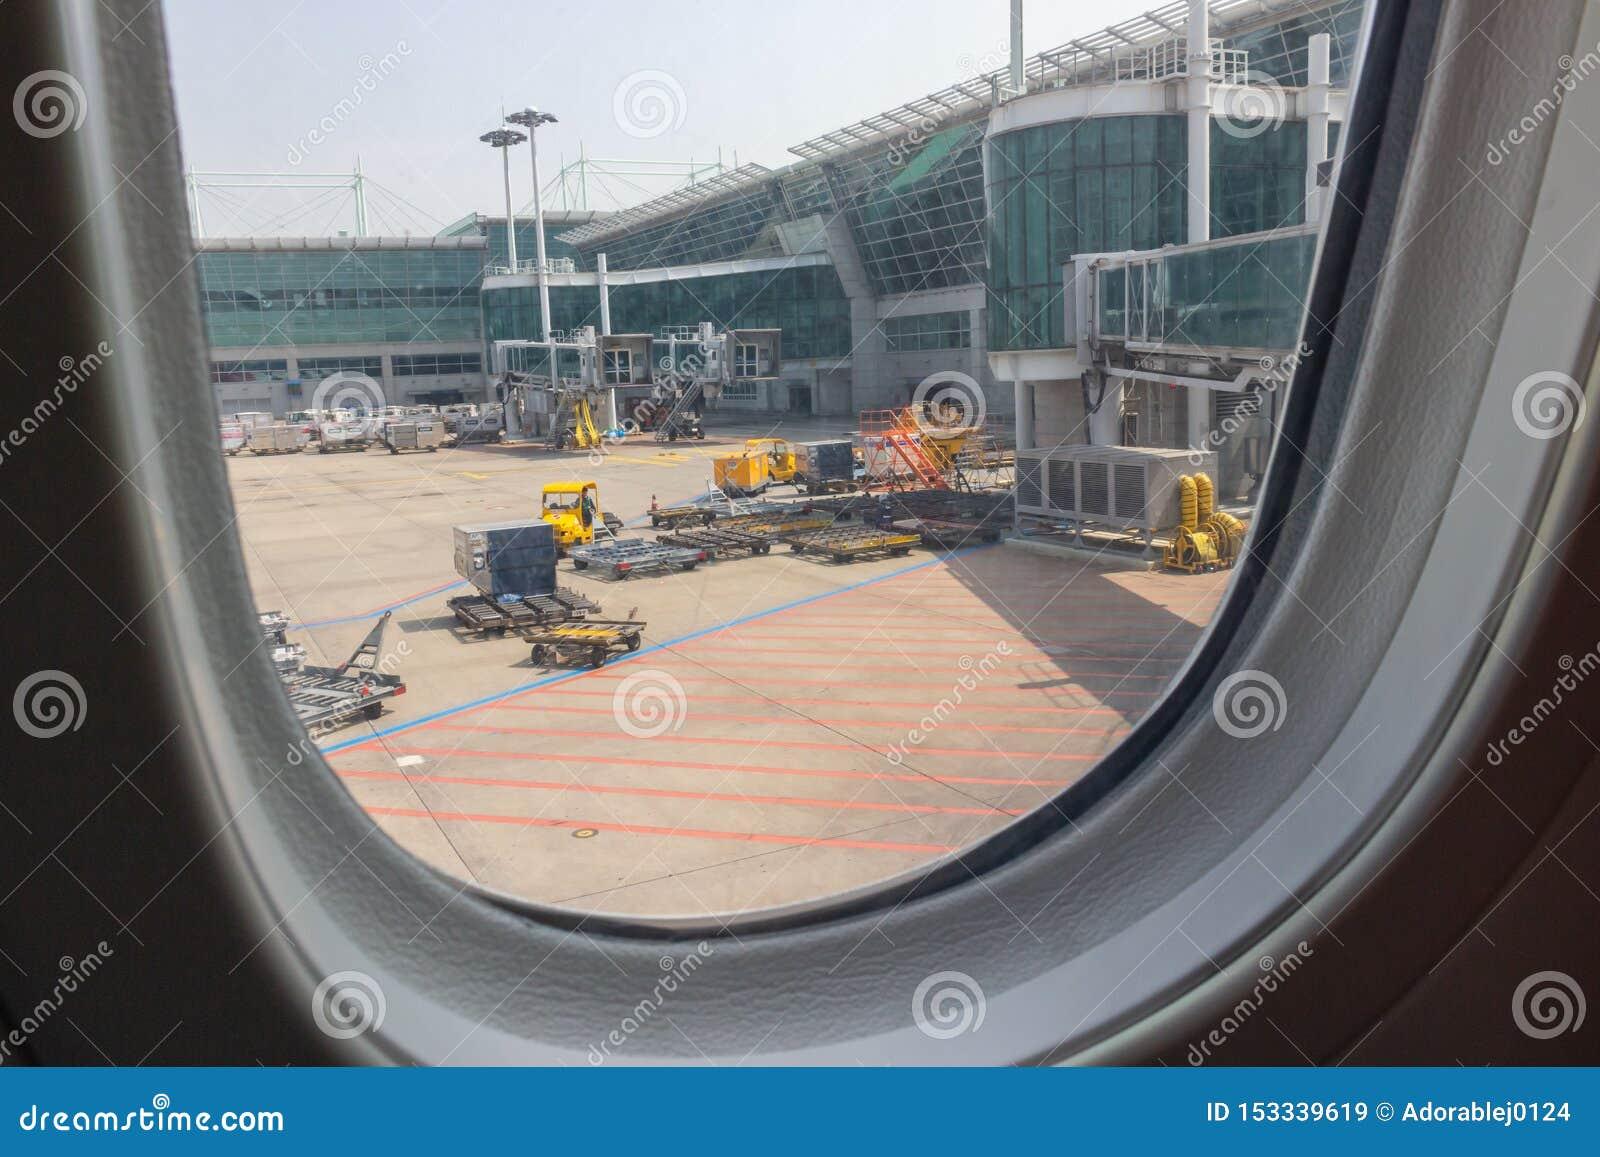 La ventana del avión antes de sacar